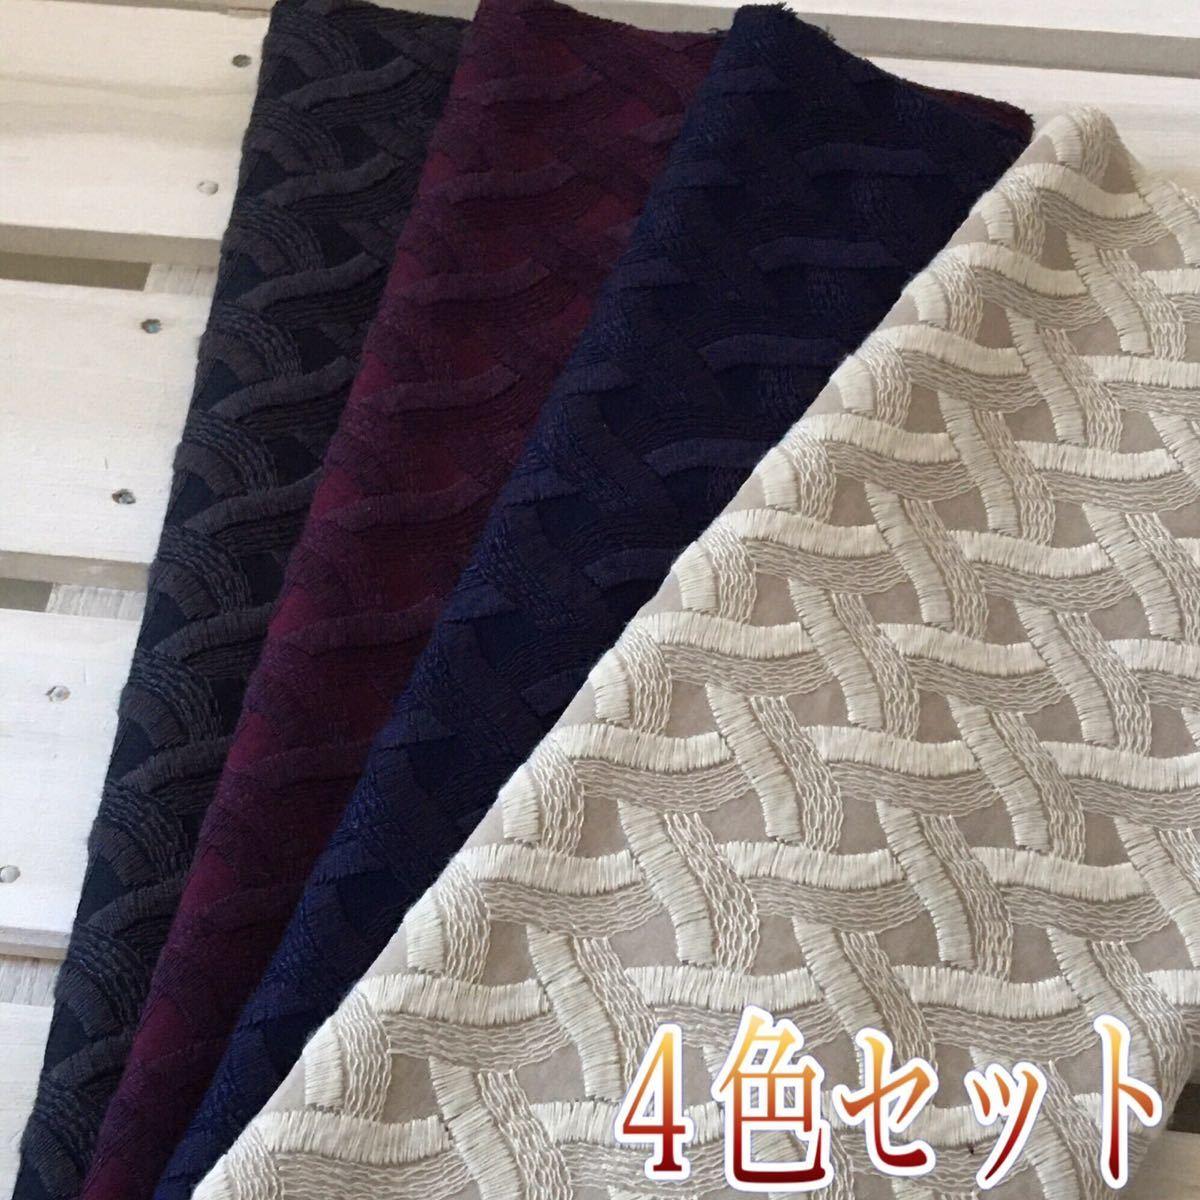 編み目柄刺繍コットンレース生地  刺繍生地 コットンレース刺繍生地 ハギレ